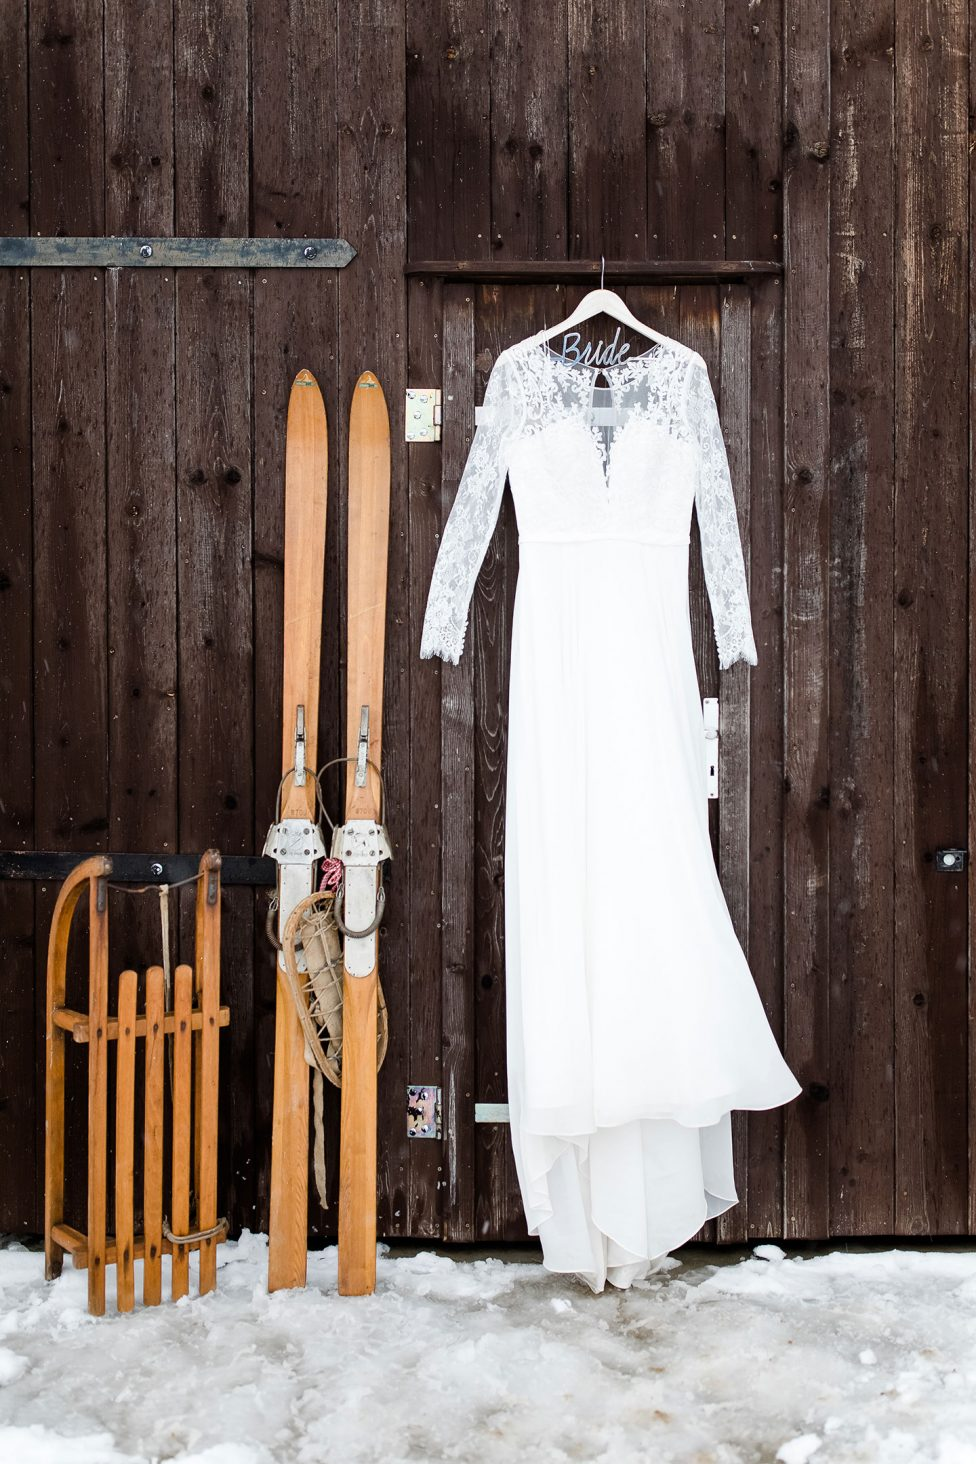 Hochzeitsinspiration: Wintergrün im tiefen Schnee